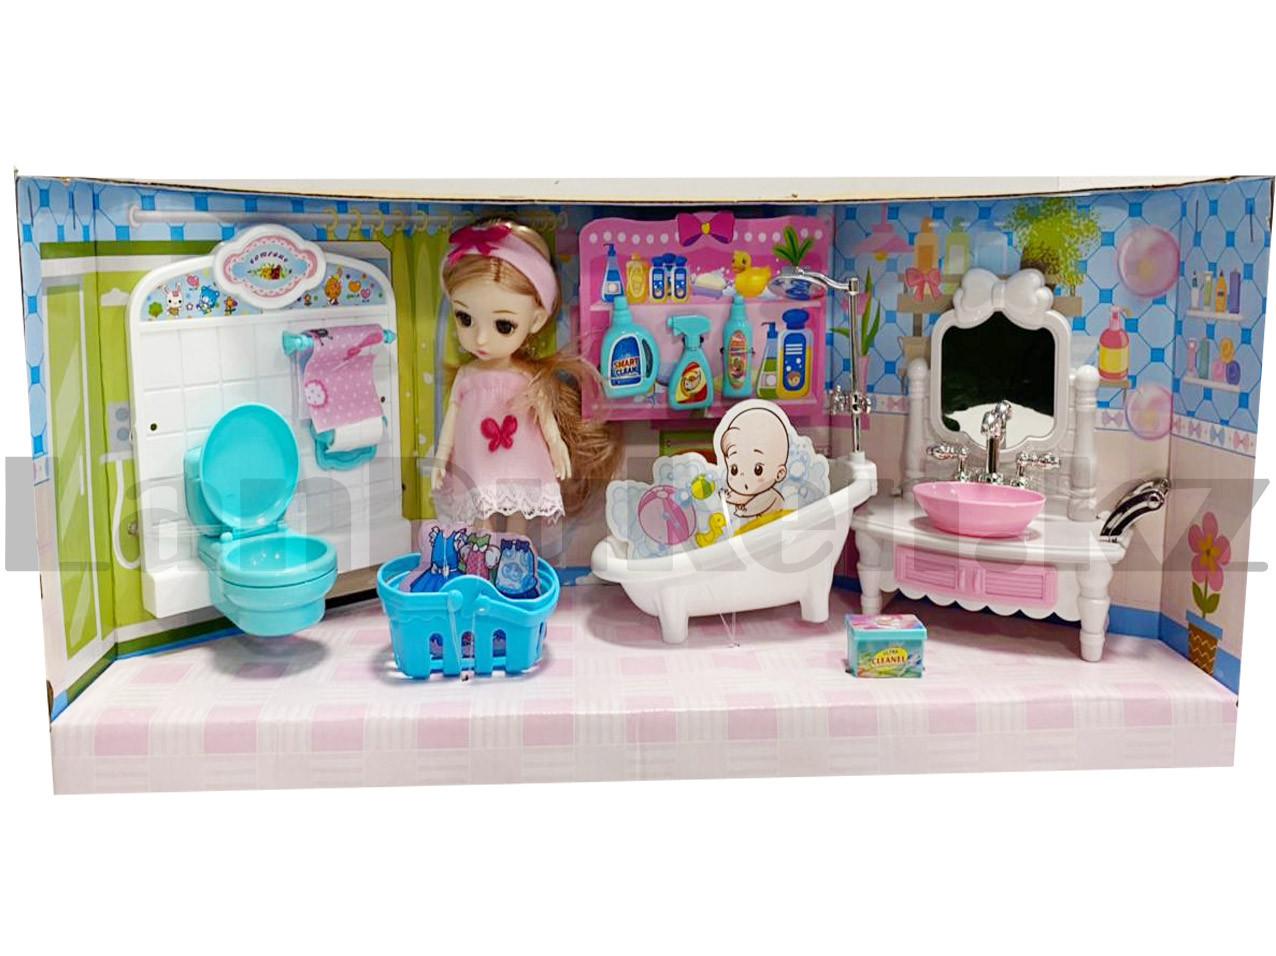 Игровой набор ванная комната с куклой с подвижными руками и ногами и аксессуарами Нарру bathroom No.K0087 - фото 3